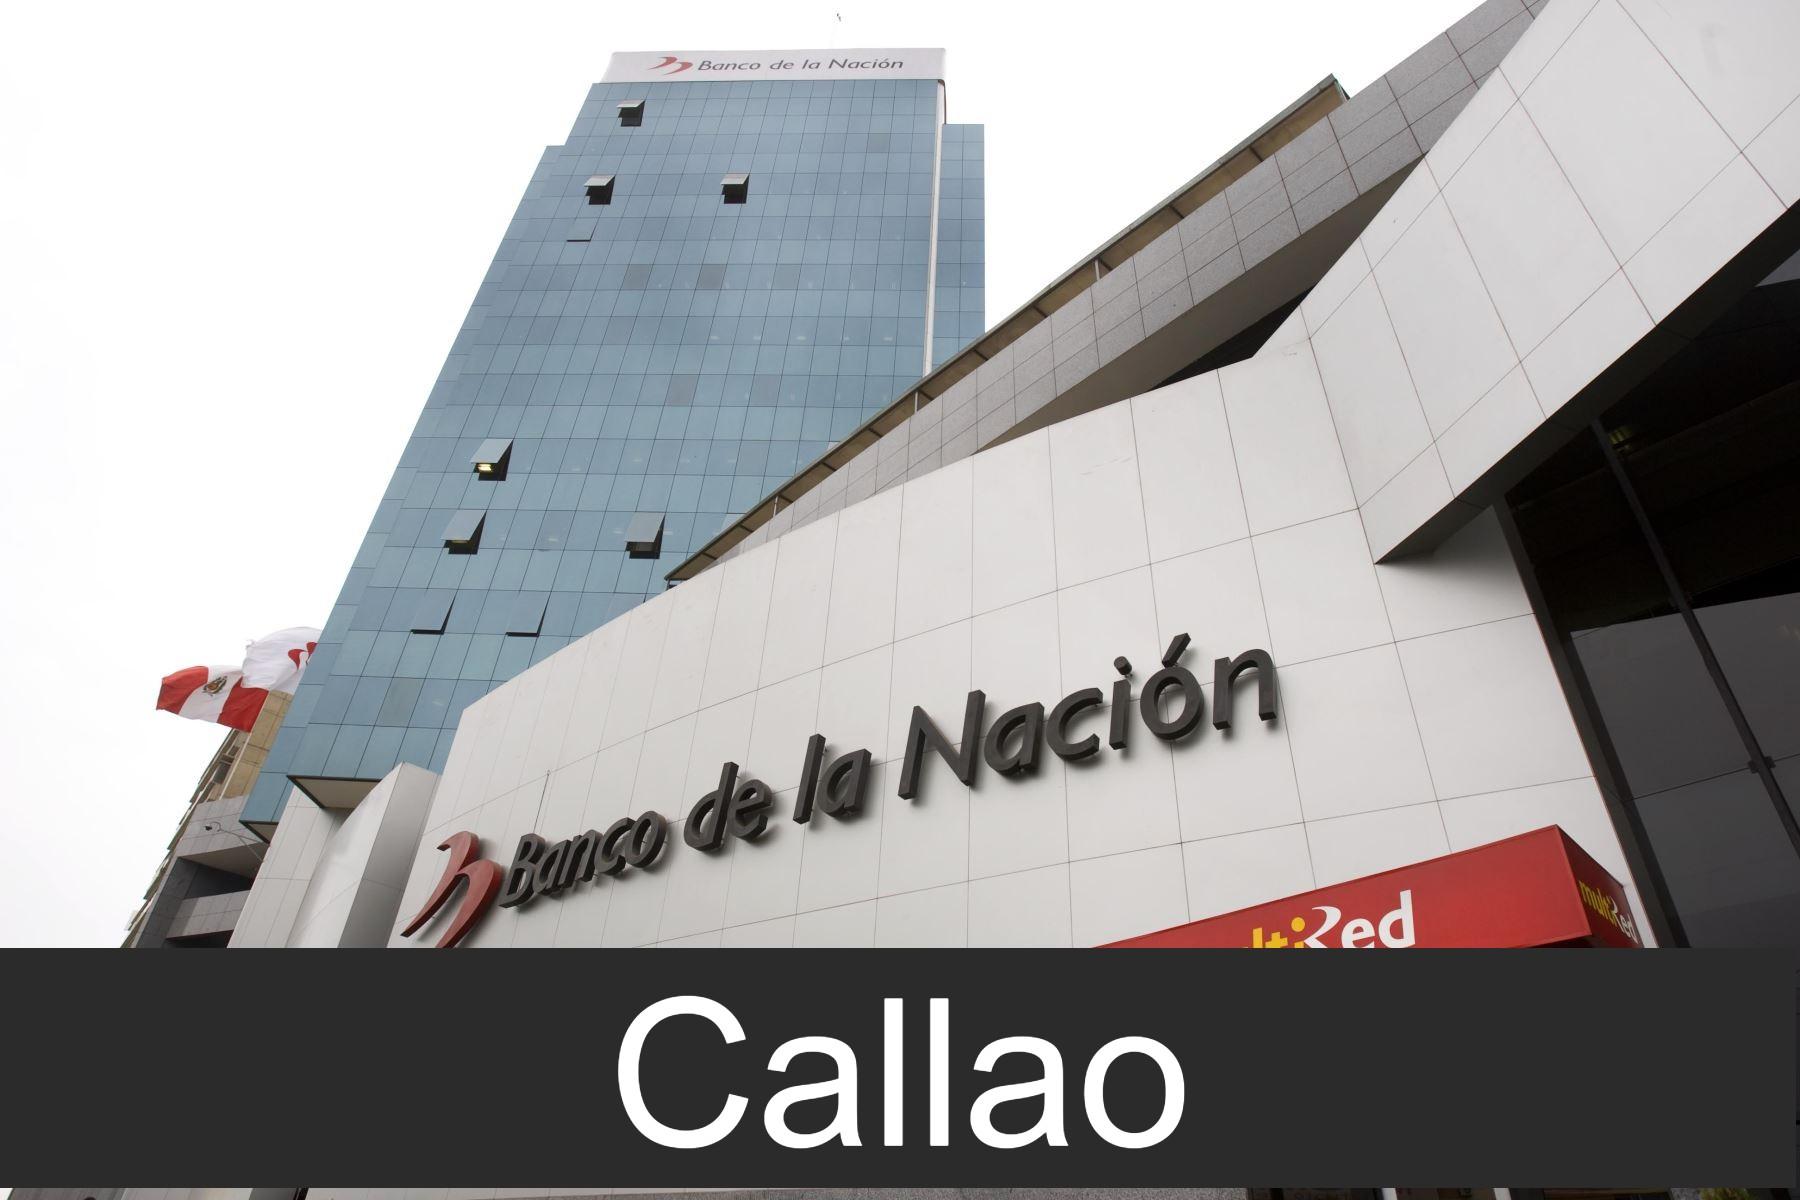 banco de la nacion en Callao